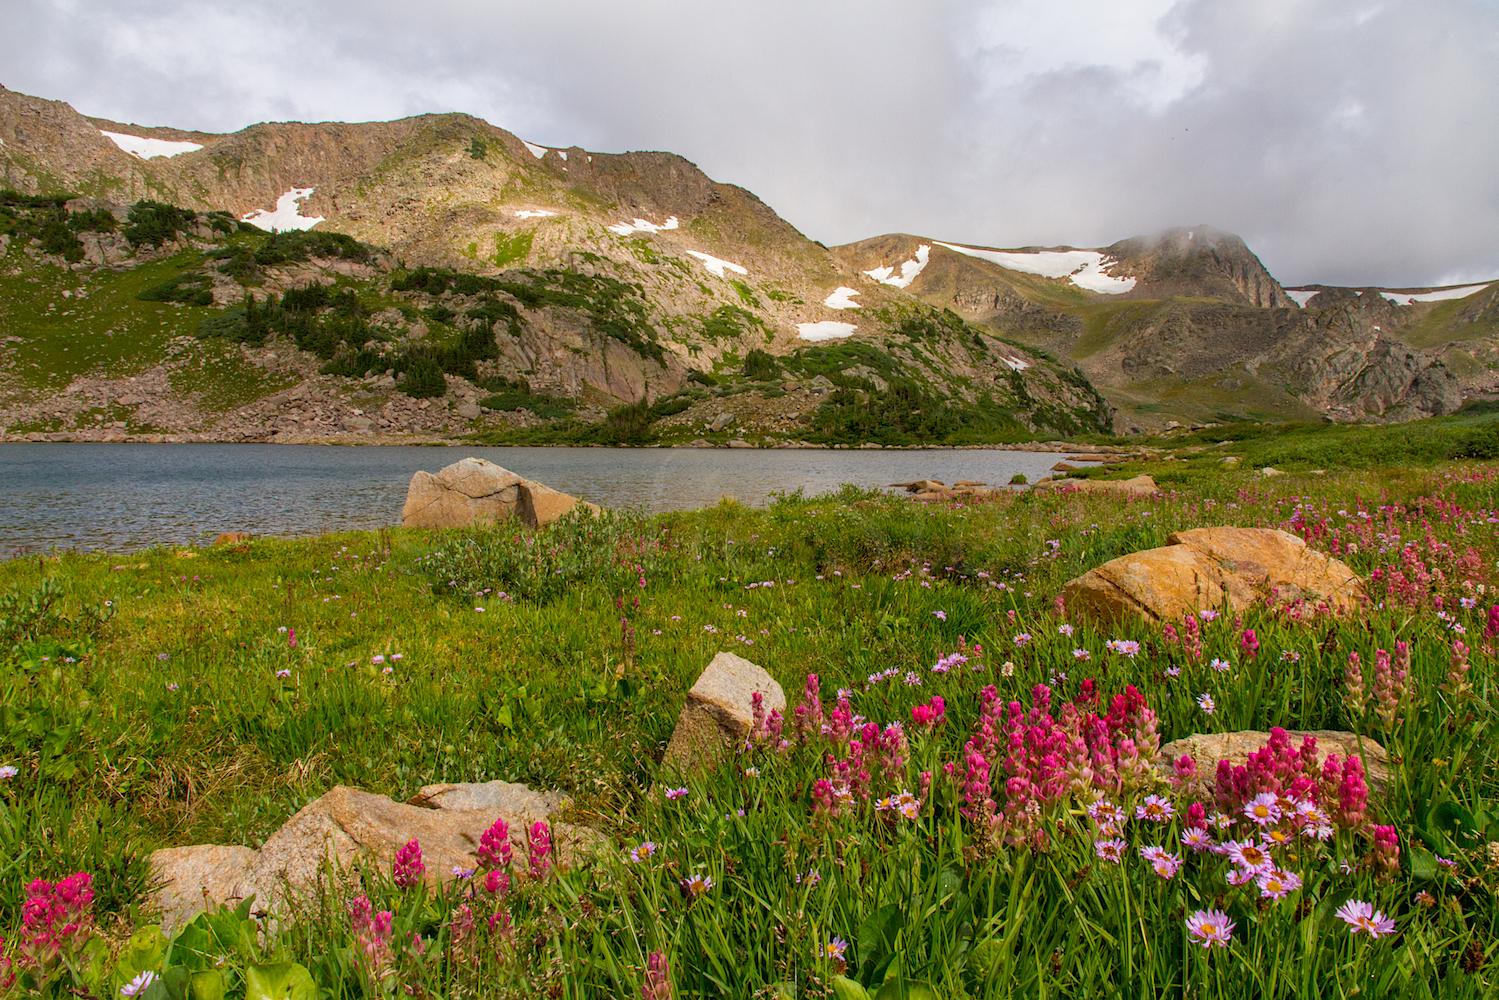 King Lake, Image # 9813